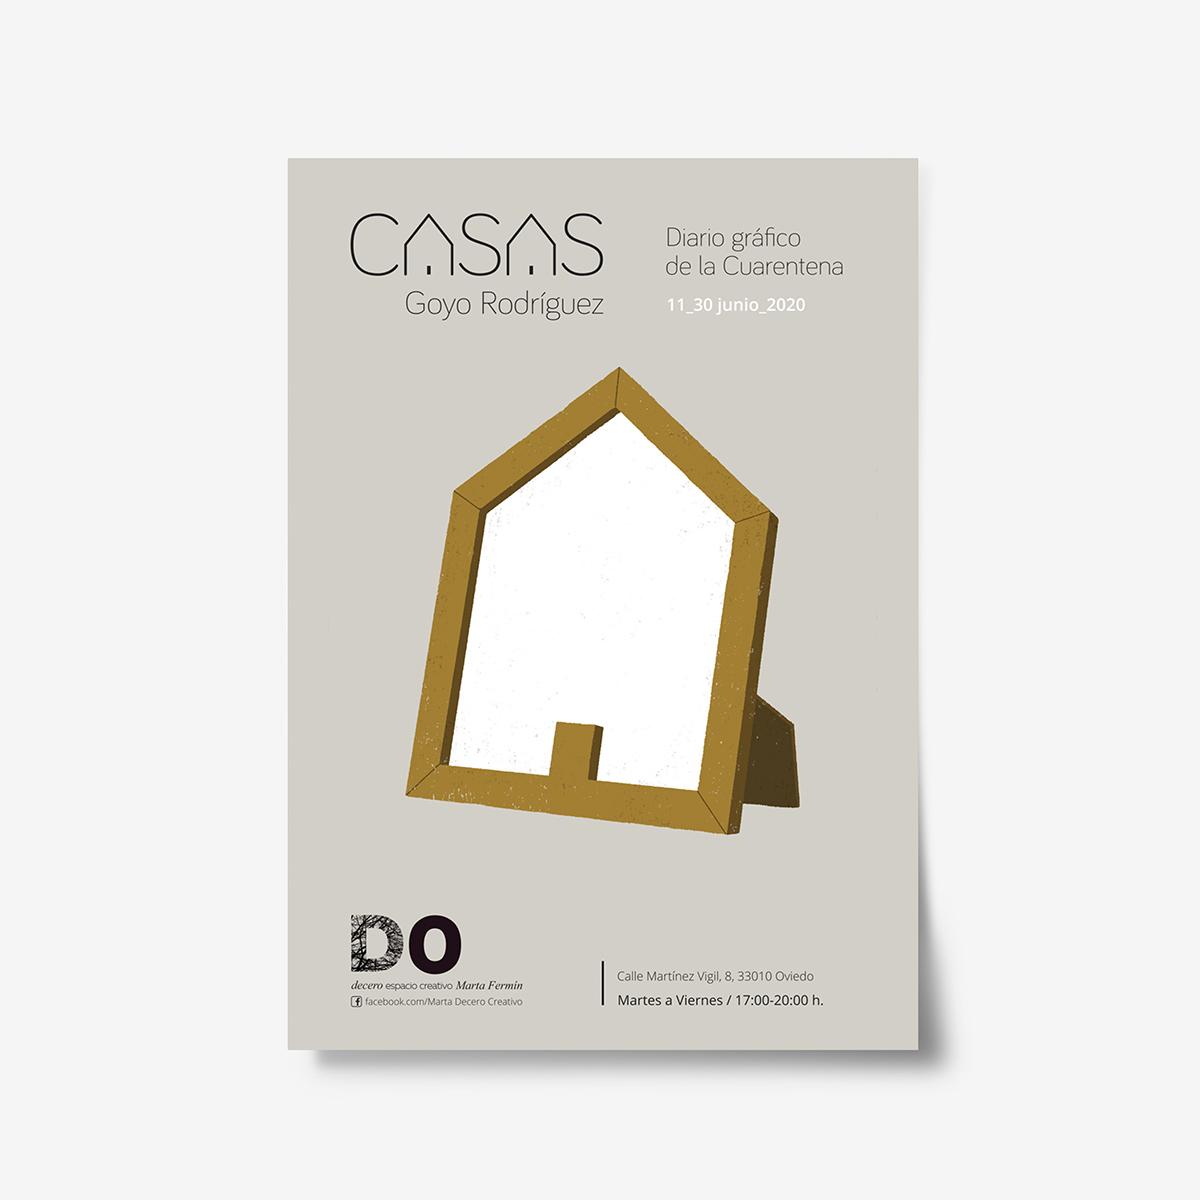 Exposción Casas, diario gráfico de la Cuarentena by Goyo Rodríguez